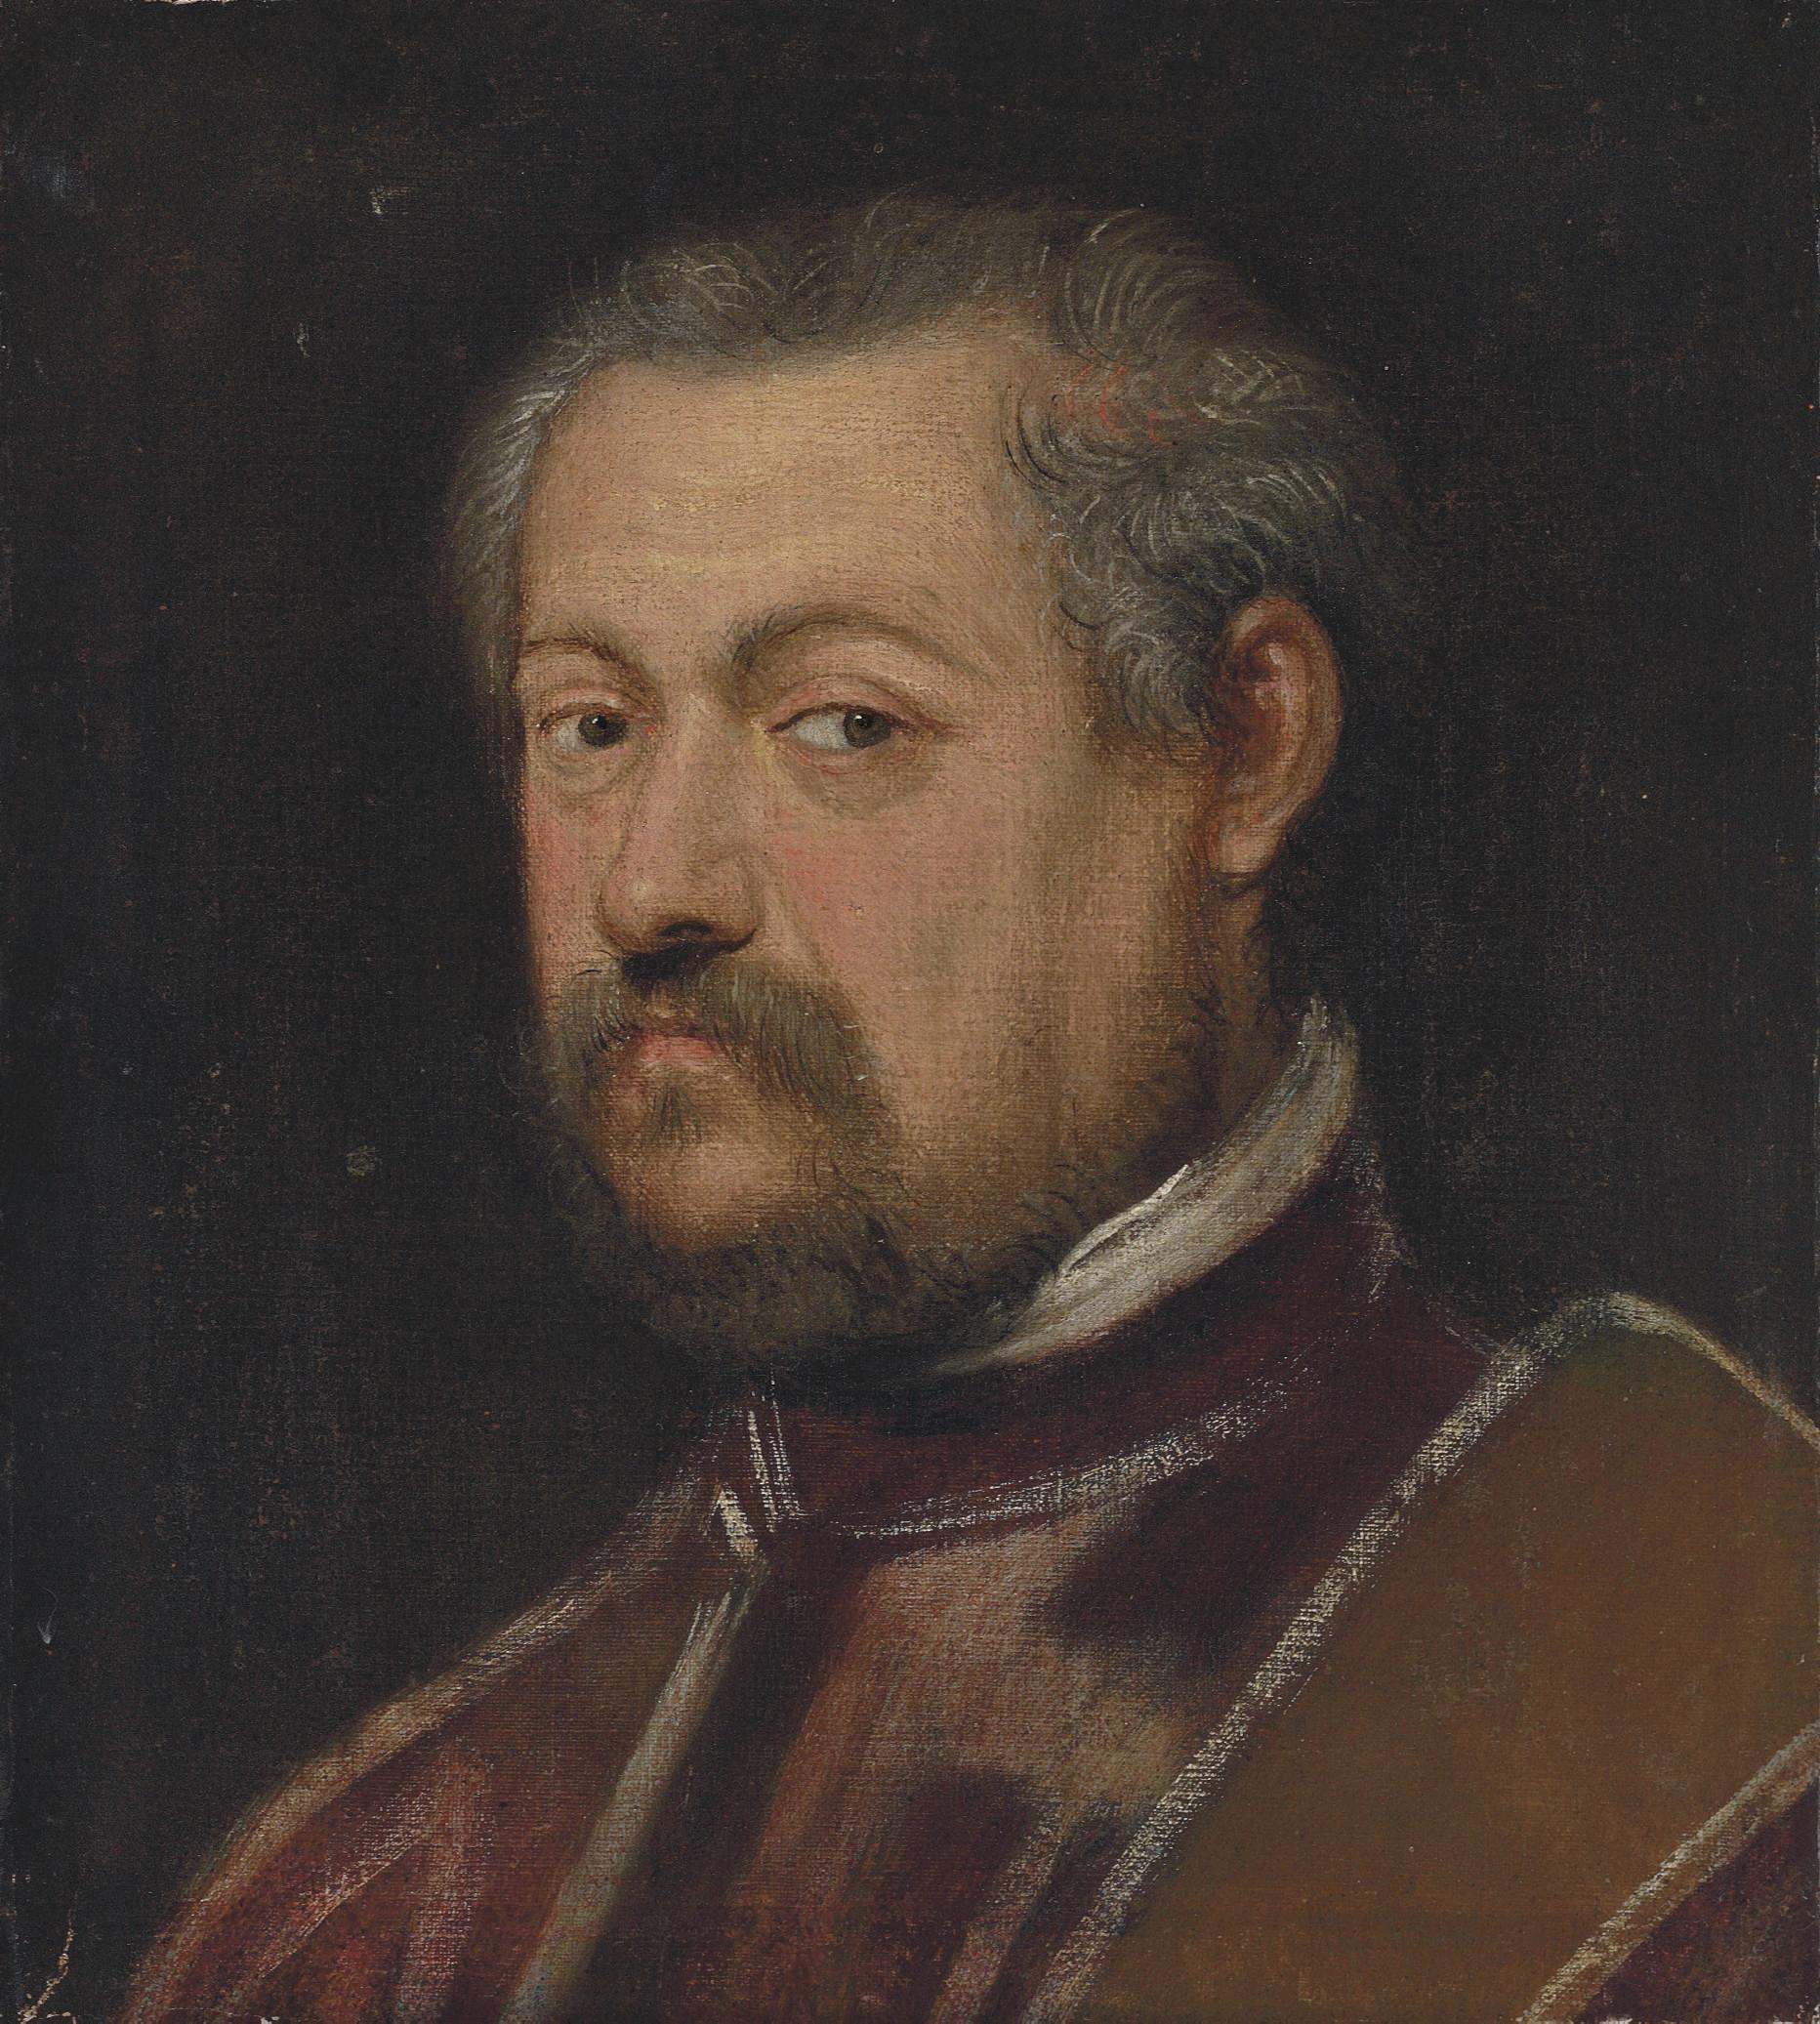 Domenico Tintoretto (Venice 15